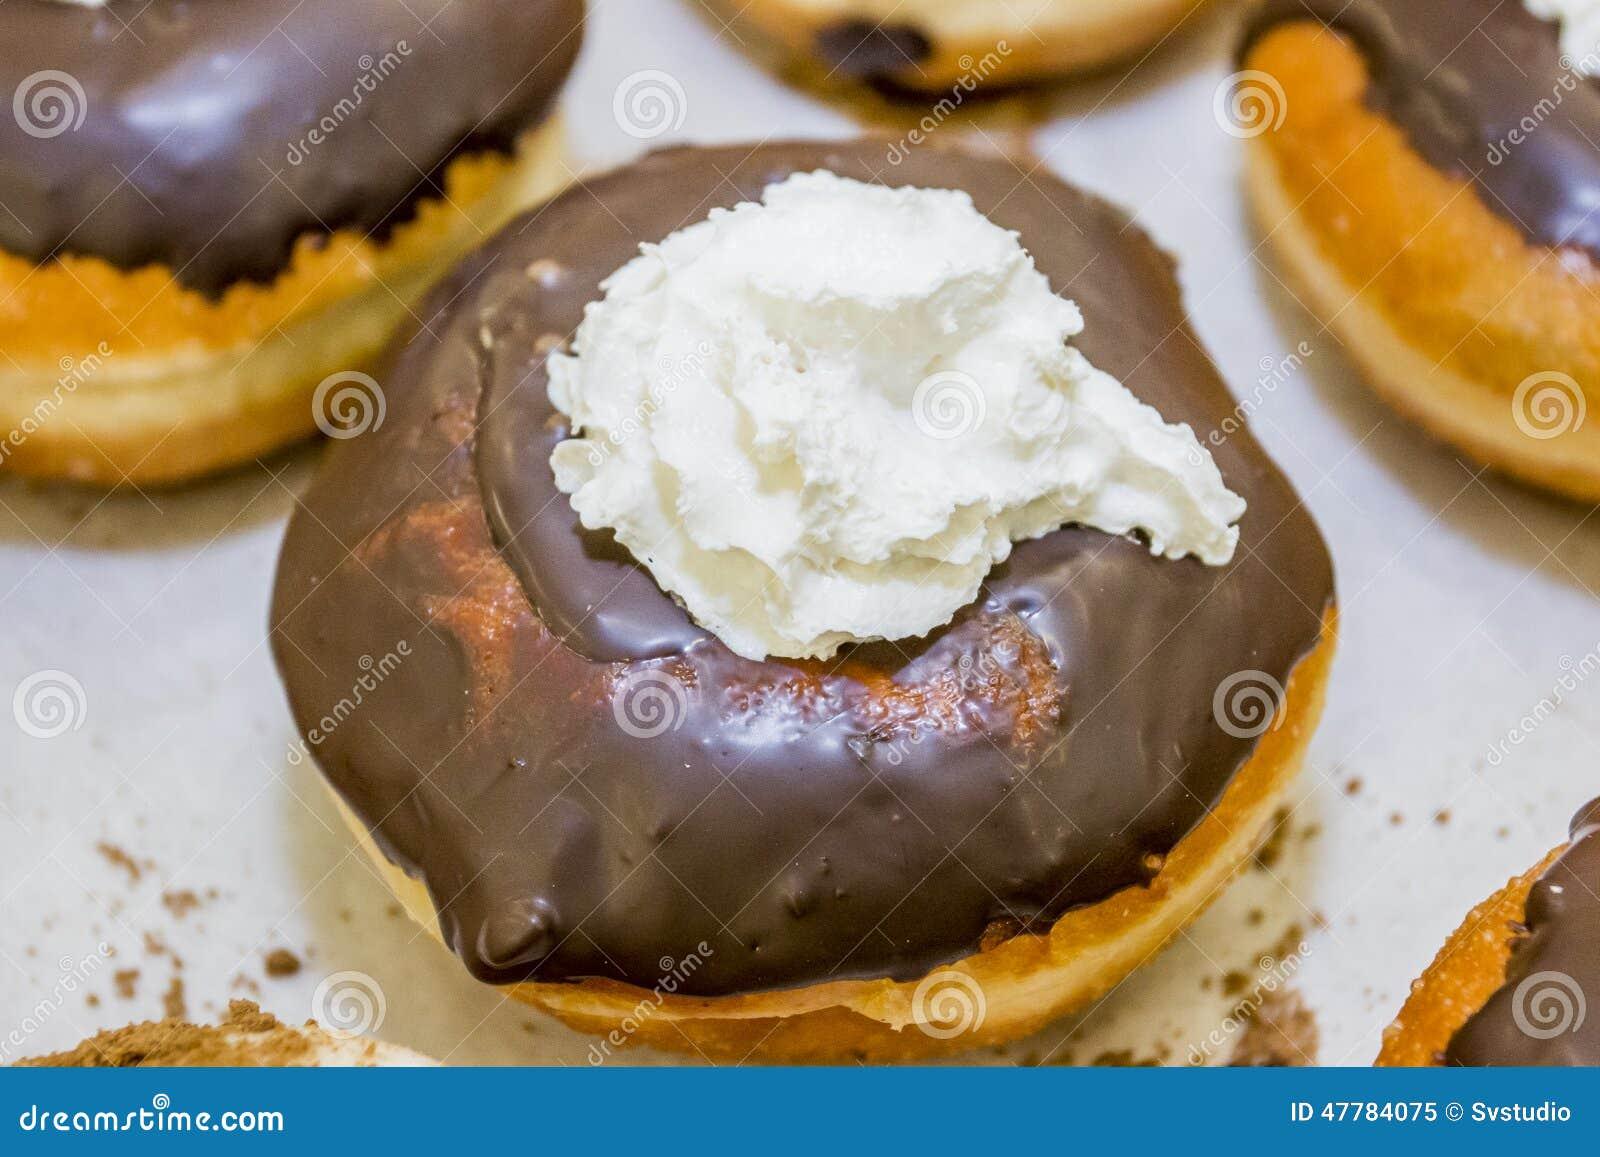 Jelly Doughnut / Sofgania - Jewish Holiday Hanukkah Stock Photo ...